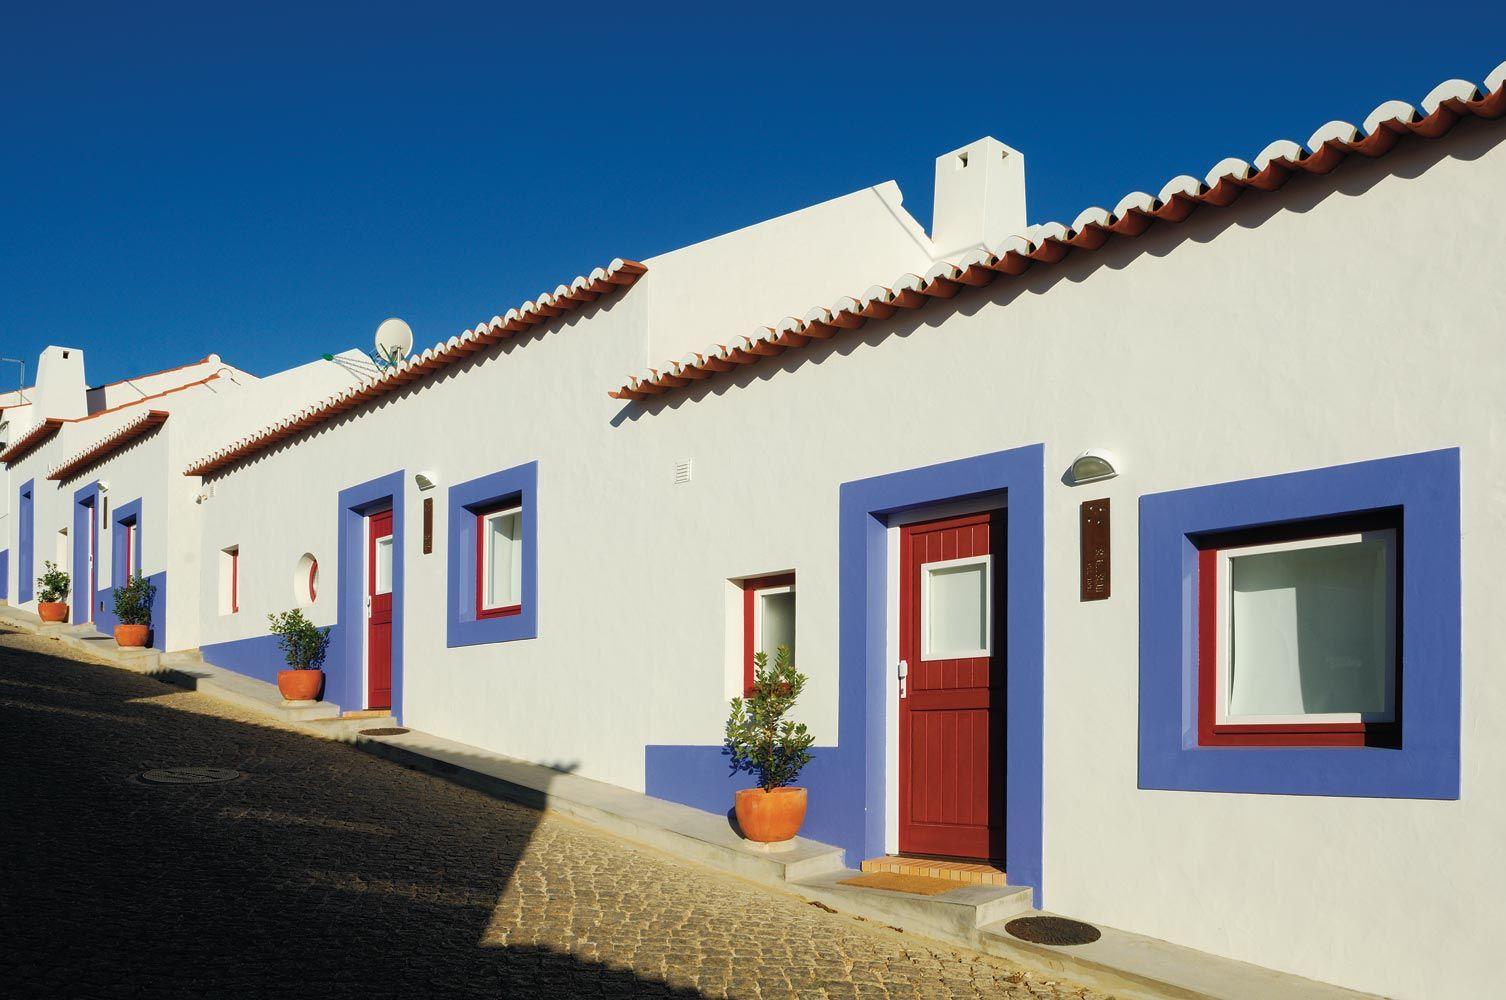 Casas do Moinho, Odeceixe (Algarve), Portugal imagens